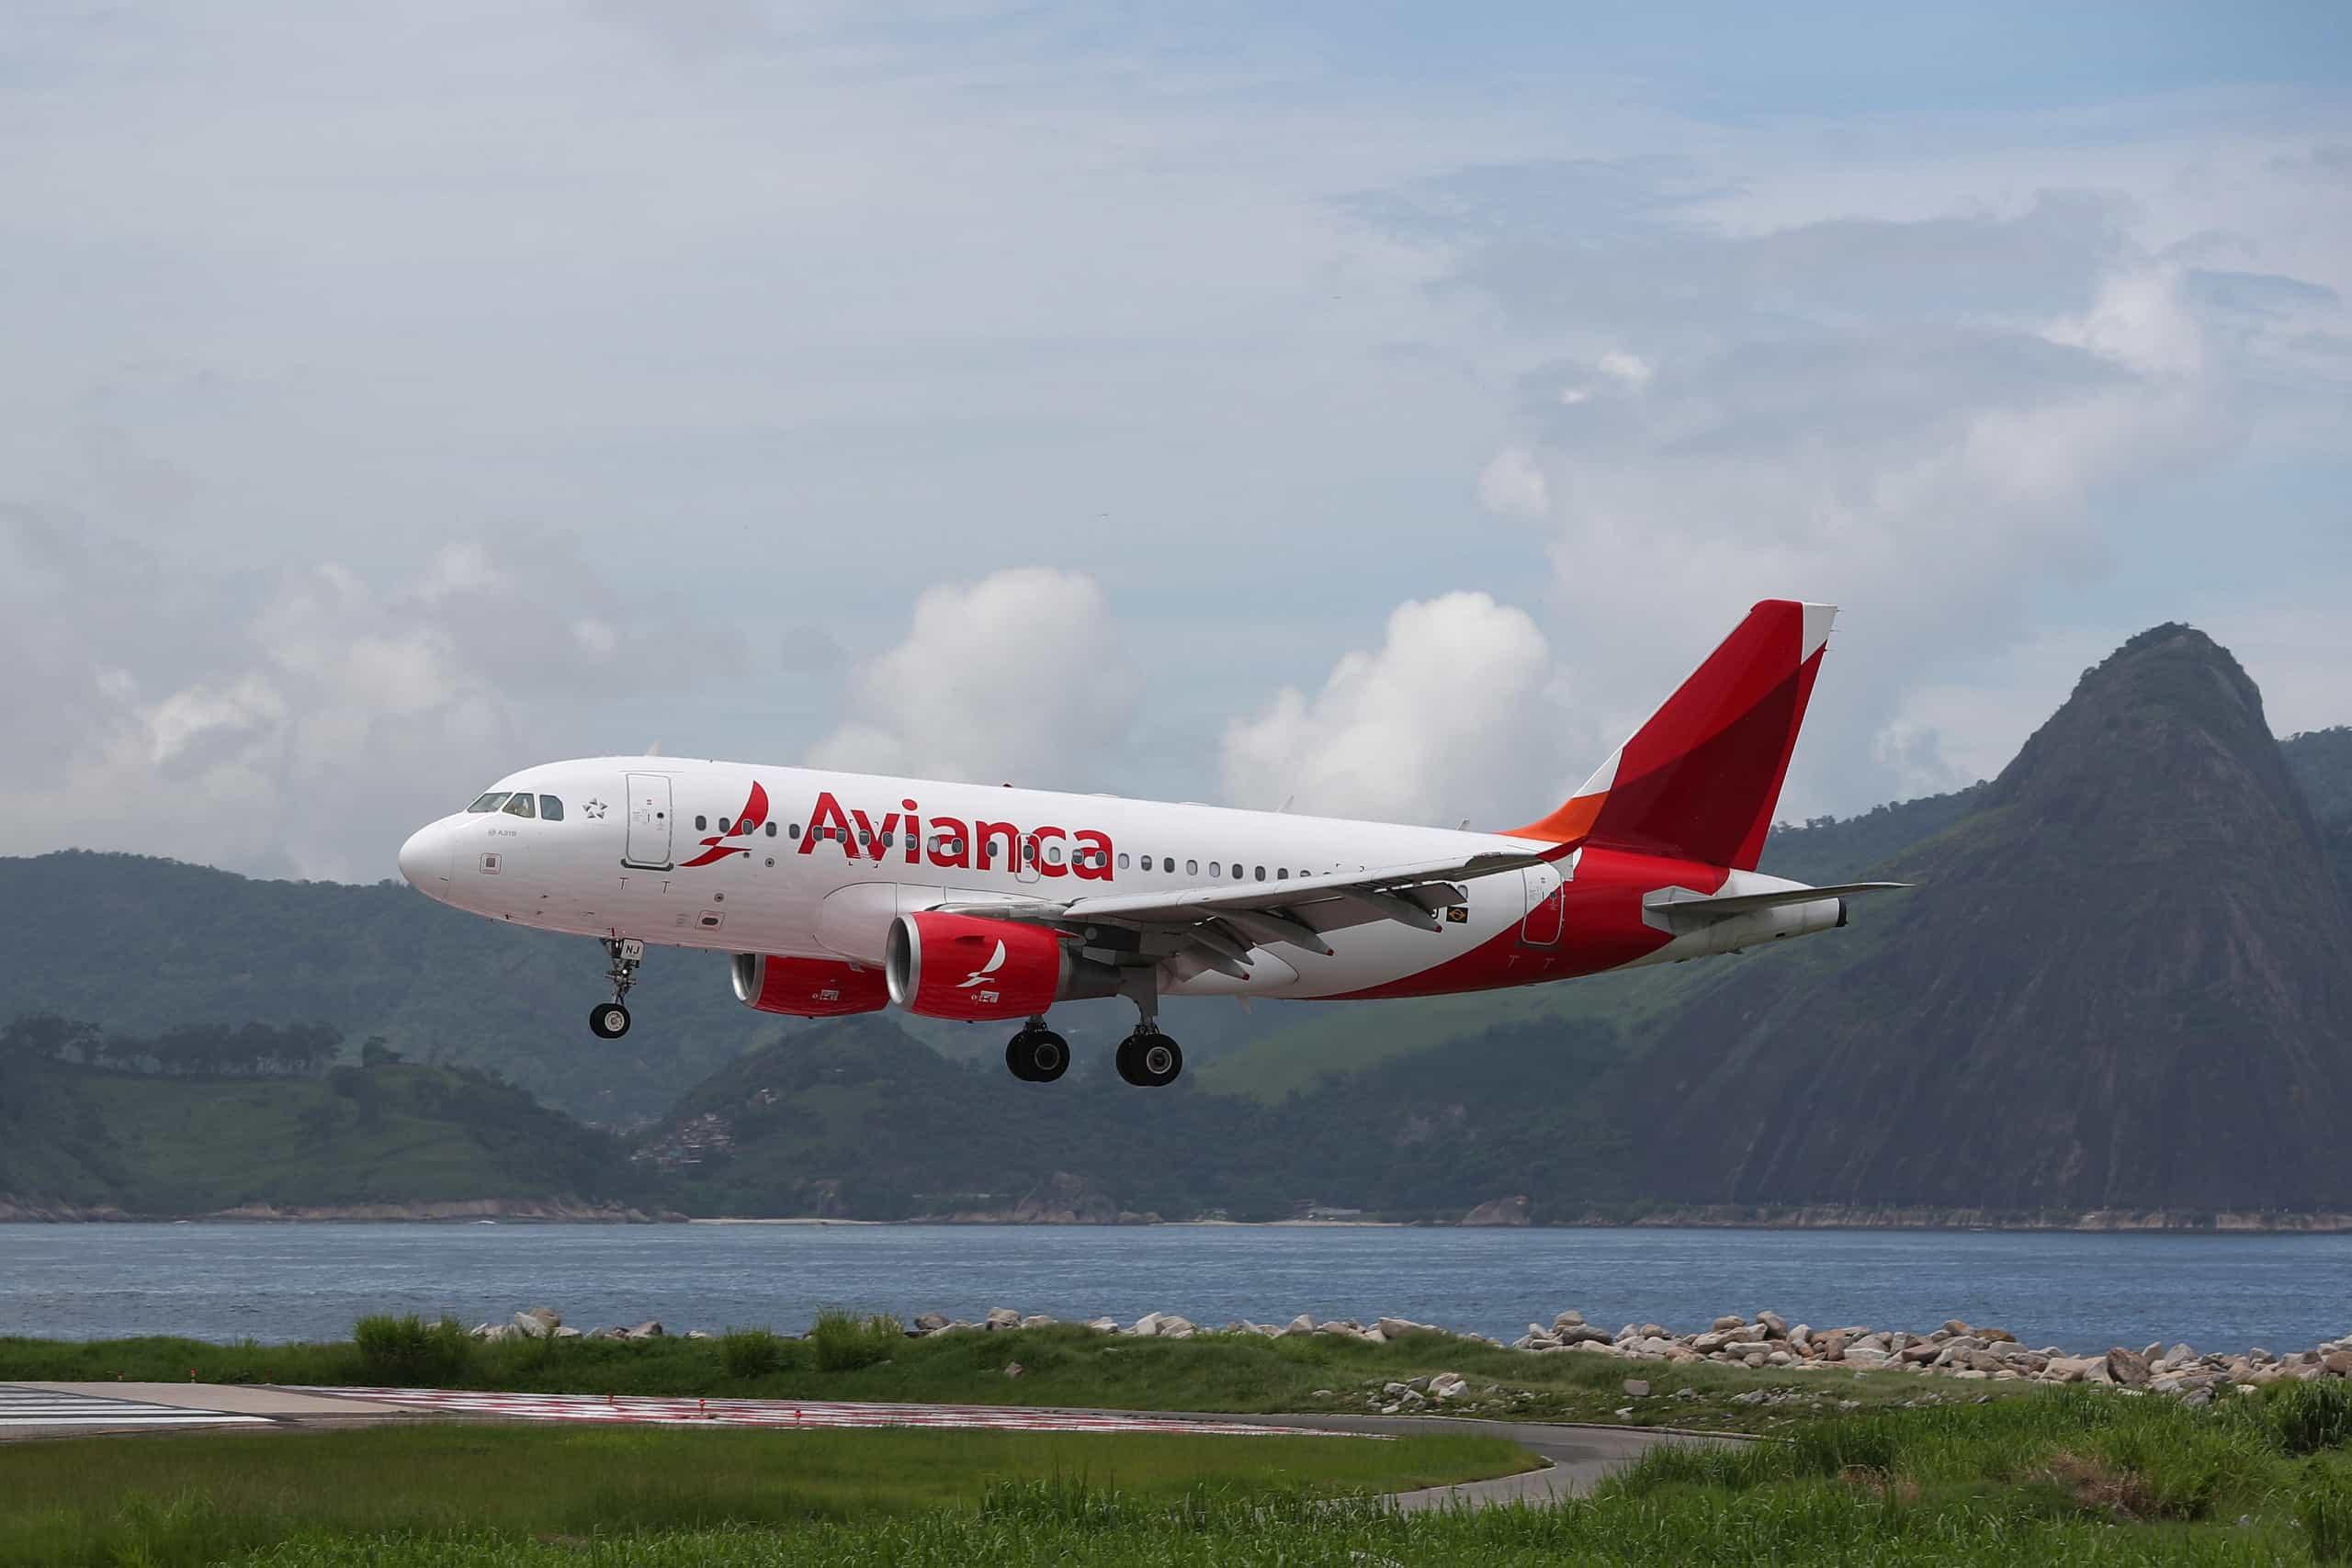 Companhia aérea brasileira Avianca suspende voos devido à crise